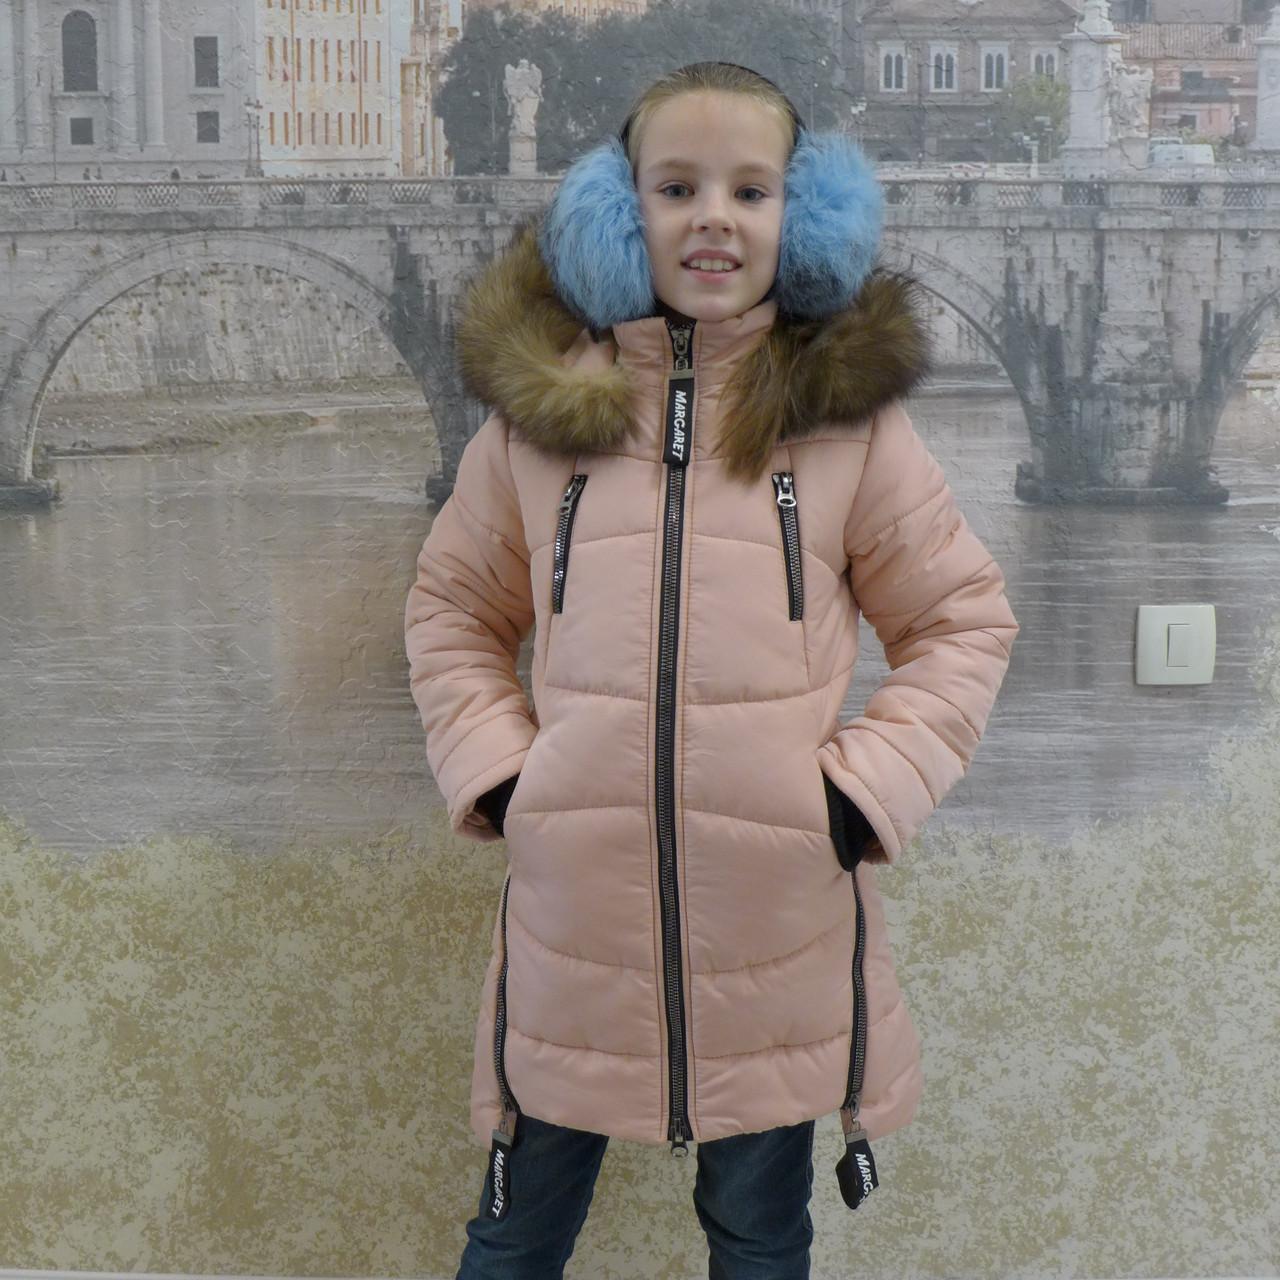 Детская одежда.  Пальто зимнее - Маргарет(пудра)     )